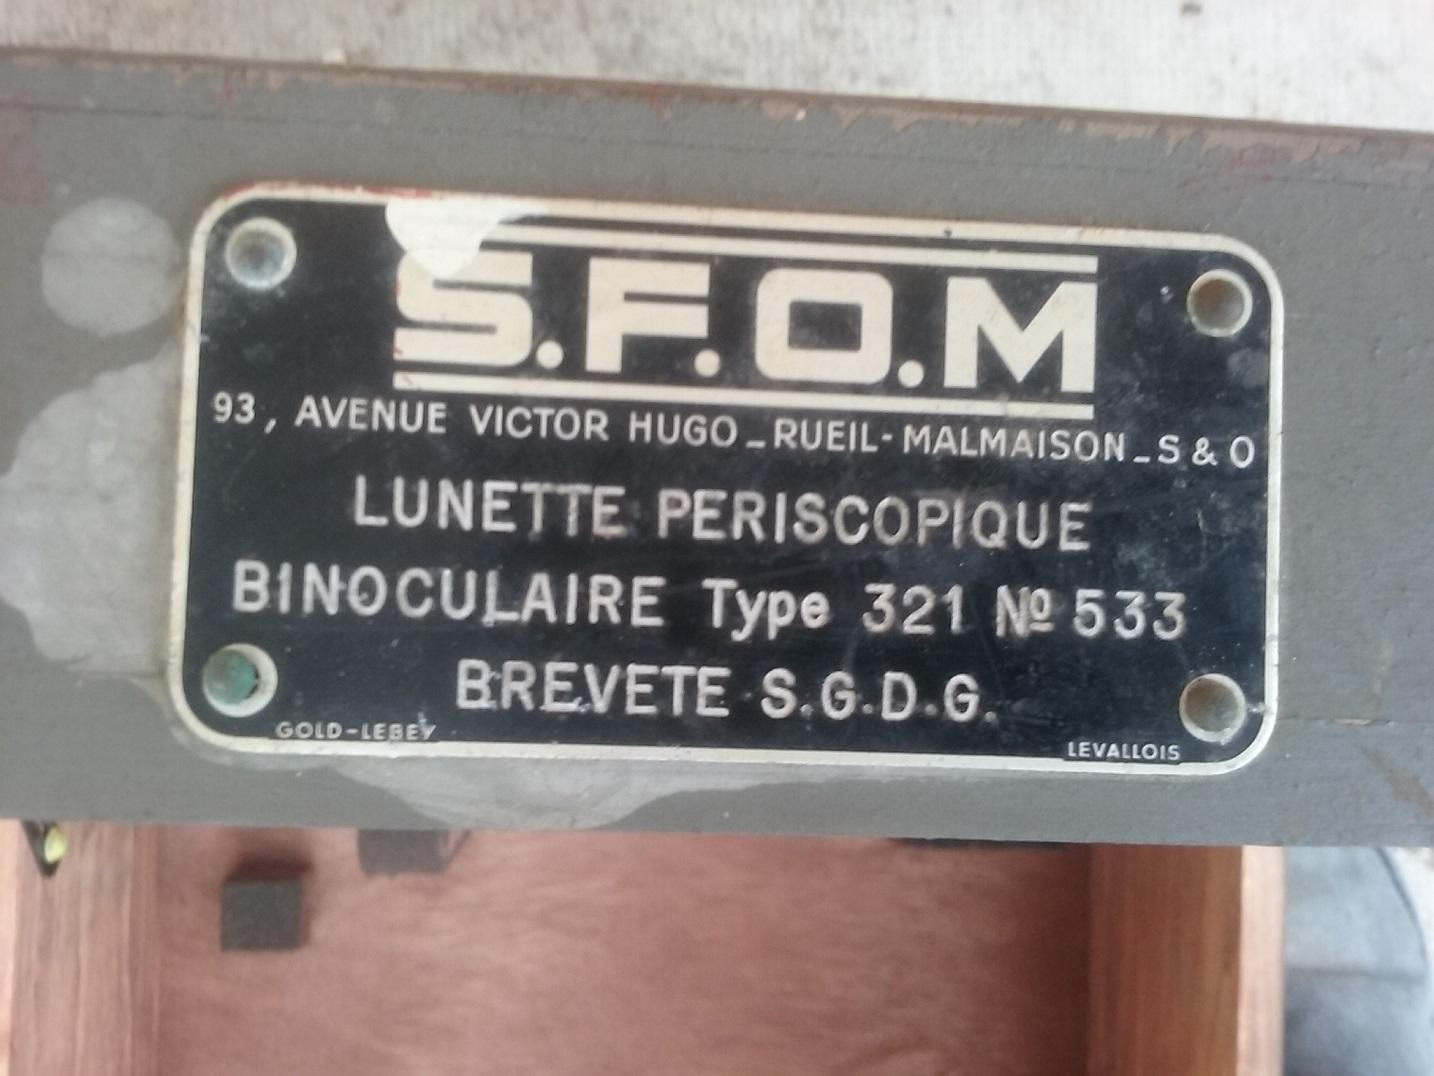 ttrouvaille / caisse d'optique SFOM barrette de decos  20200112